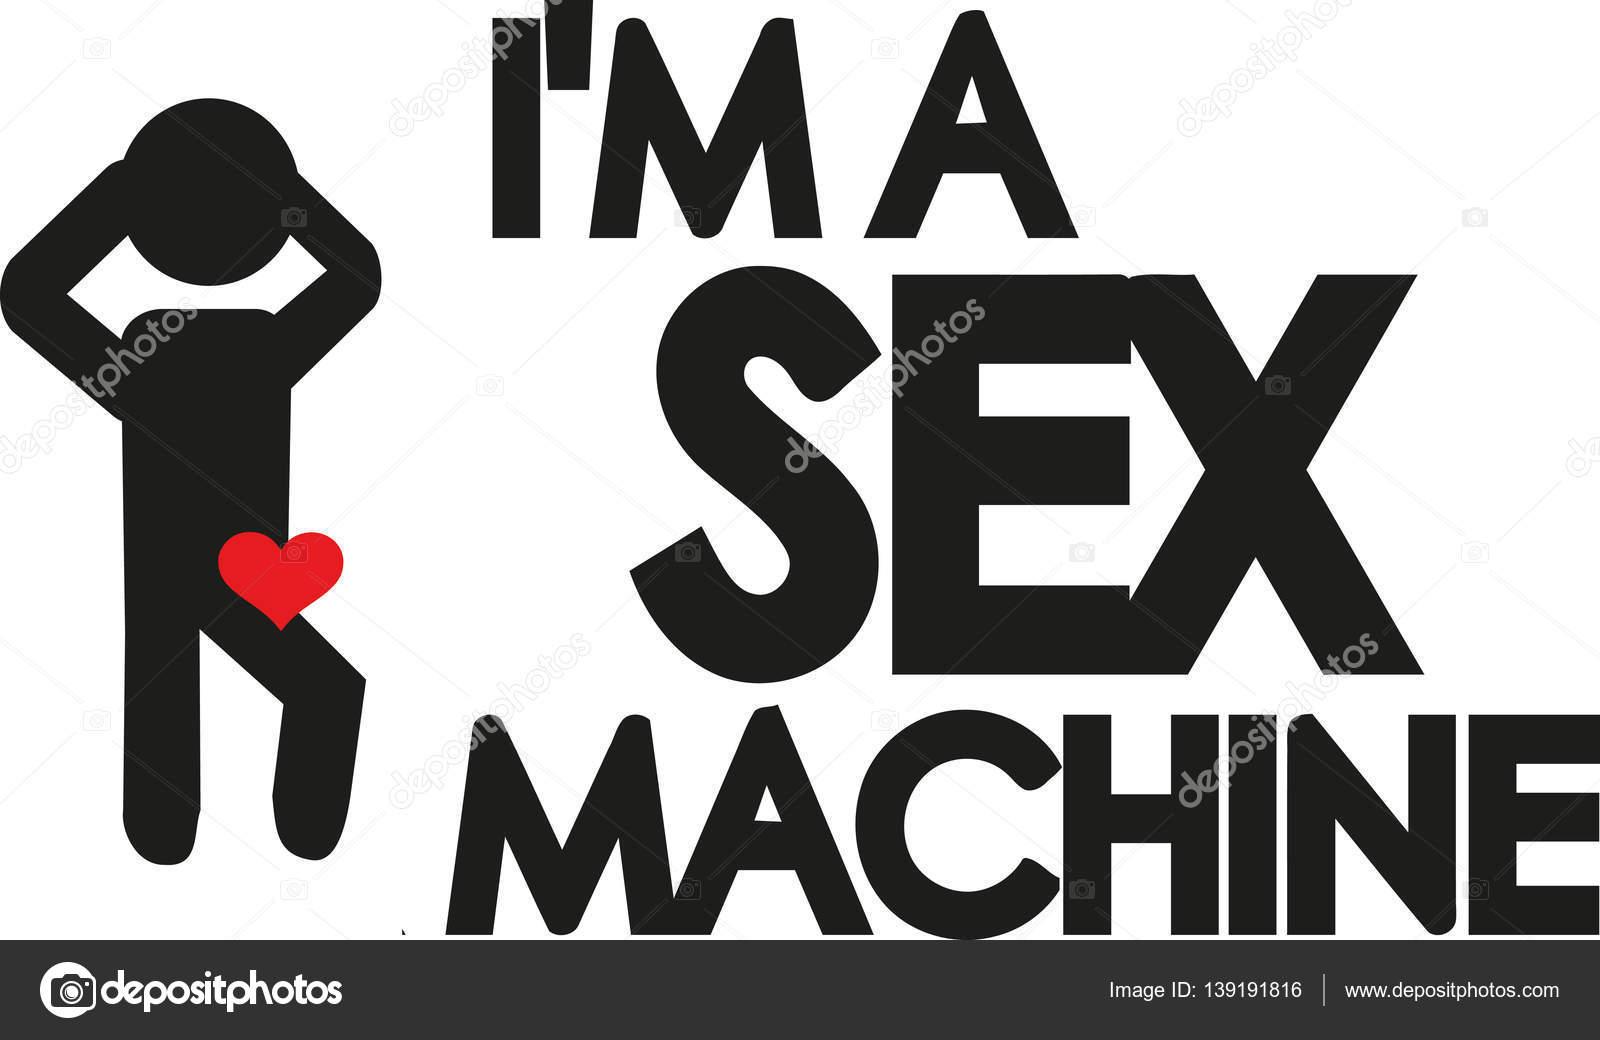 Иллюстрации секс машины